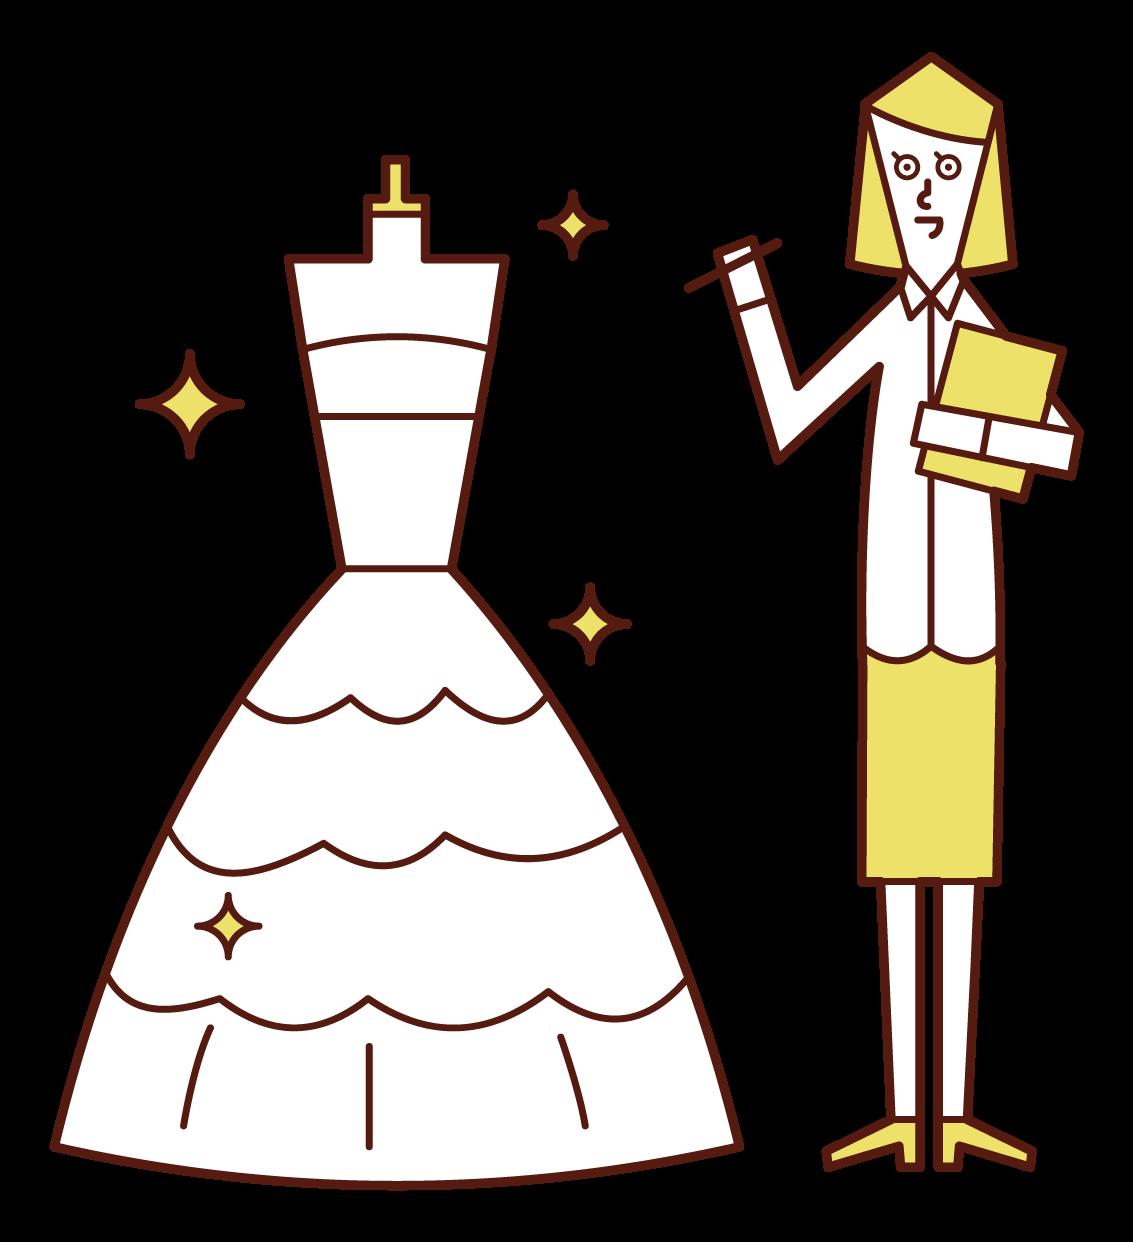 웨딩 드레스 디자이너(여성)의 일러스트